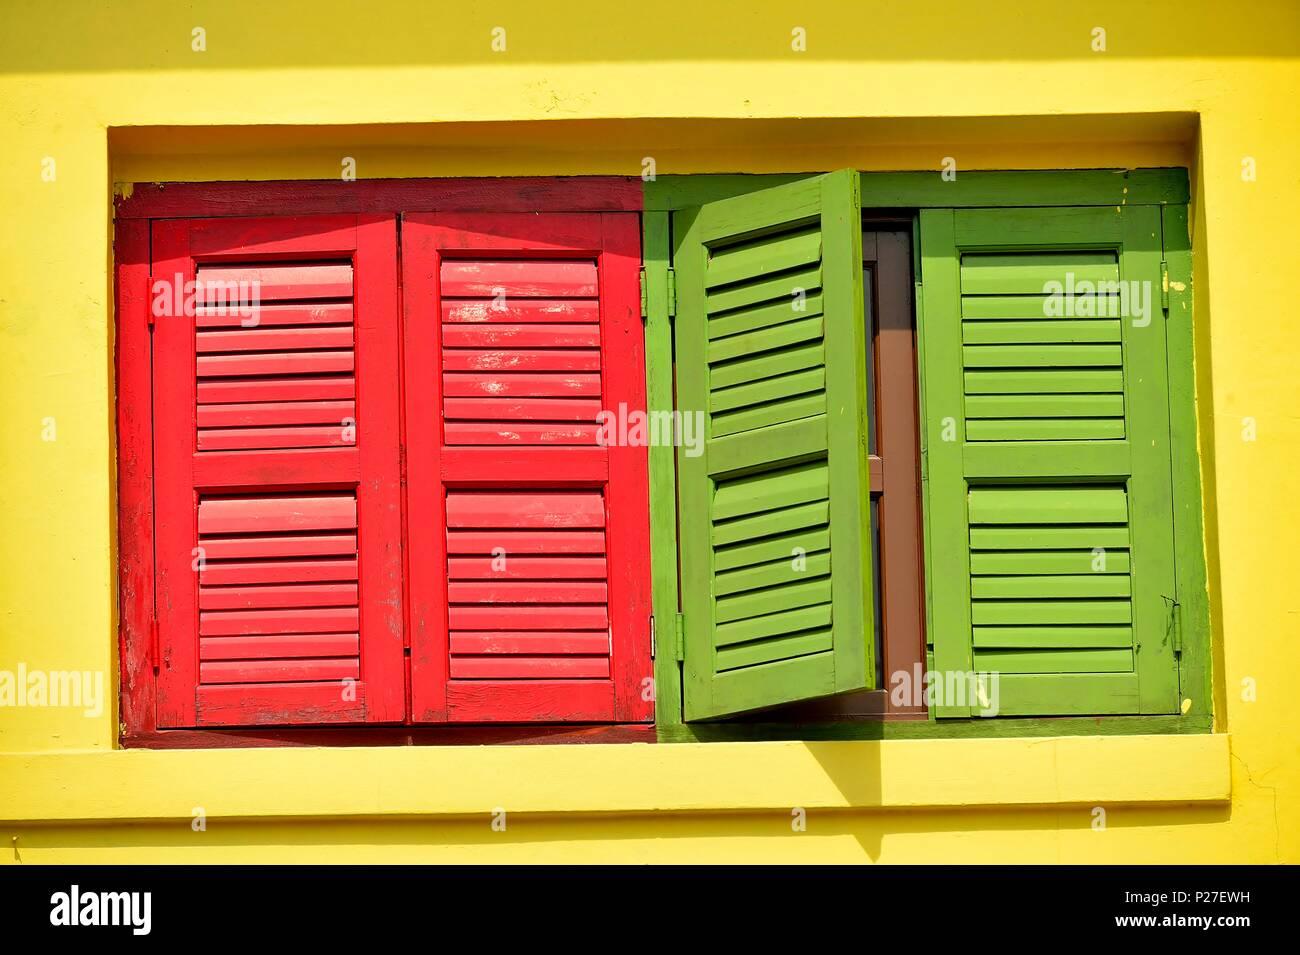 Colore Esterno Casa Rosso : Vista frontale della vendemmia tradizionale singapore negozio casa